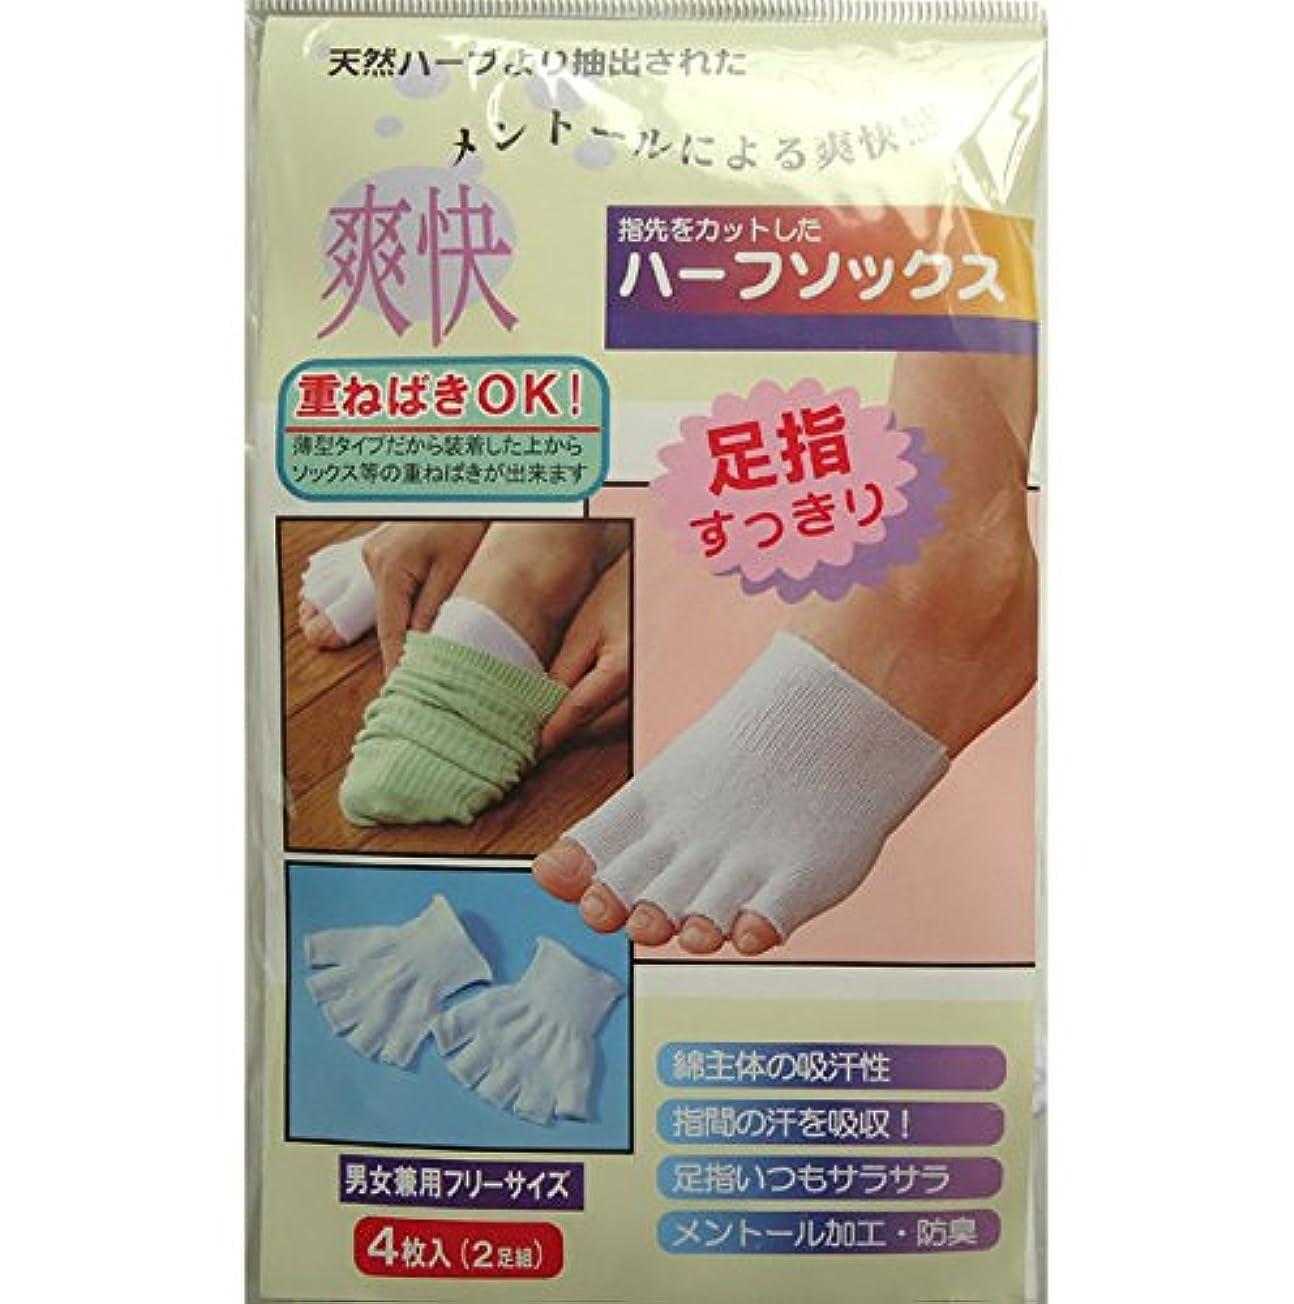 着飾るベットチャネル日本製 ハーフソックス 5本指 綿 抗菌防臭 メンズ レディースお買得2足組(ホワイト)